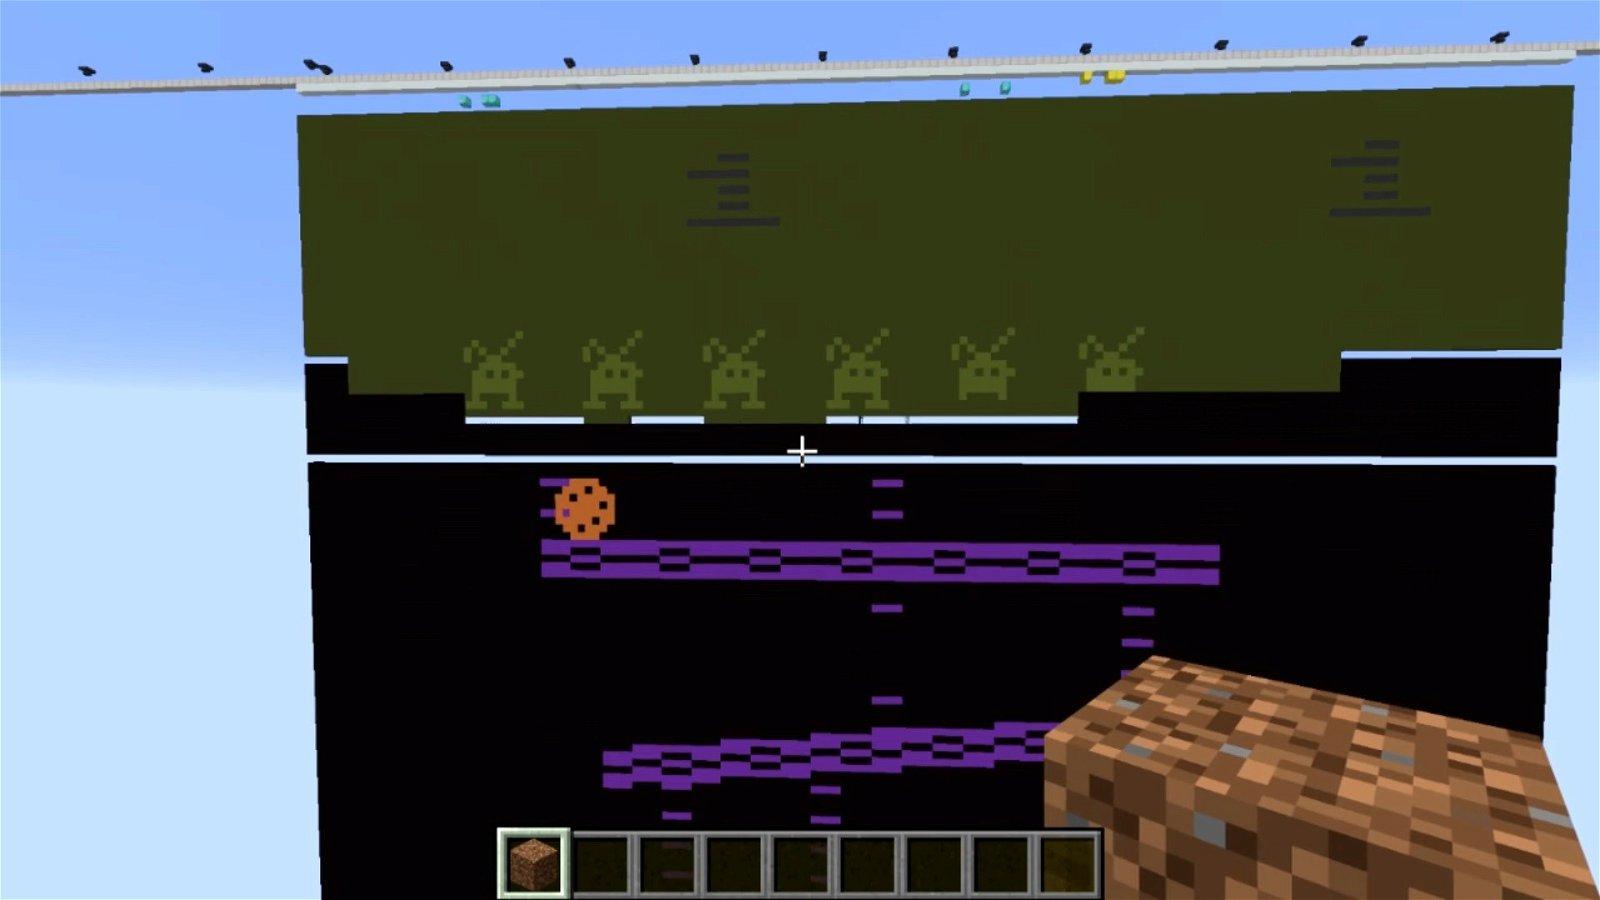 Construyen un emulador de Atari 2600 dentro de Minecraft